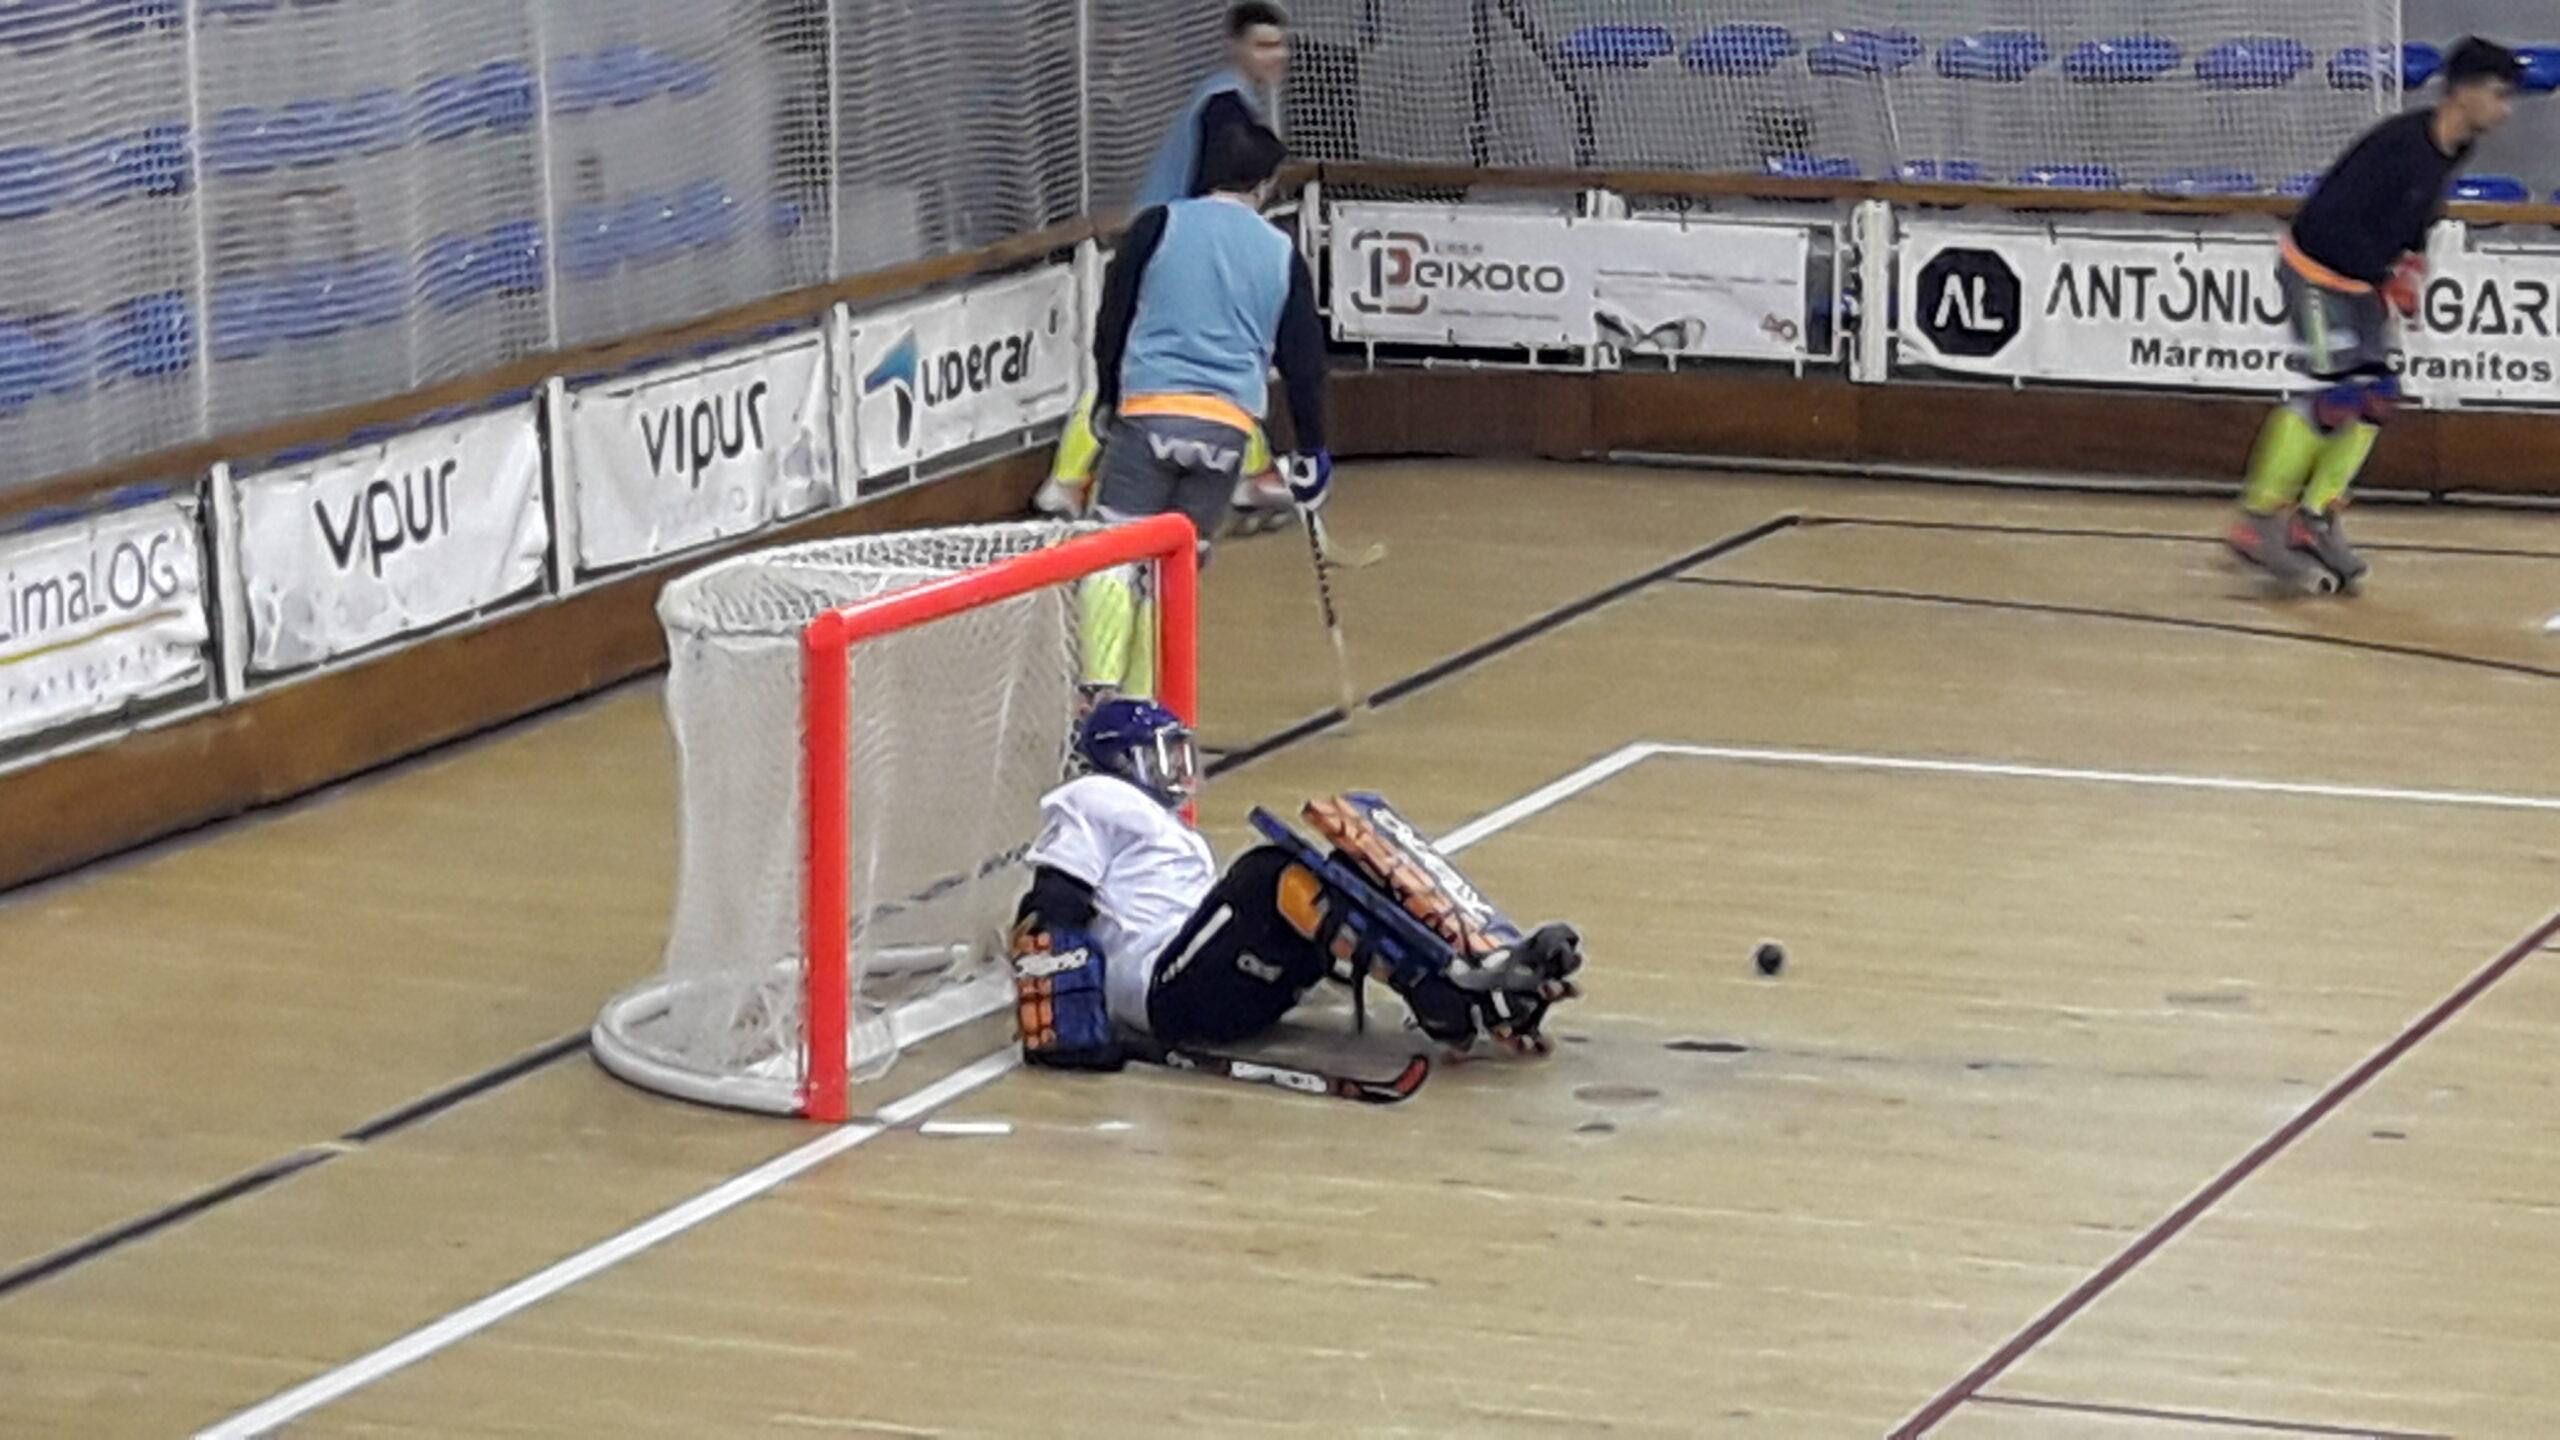 Hóquei em patins: Juventude de Viana perde em Valongo e afunda-se na classificação